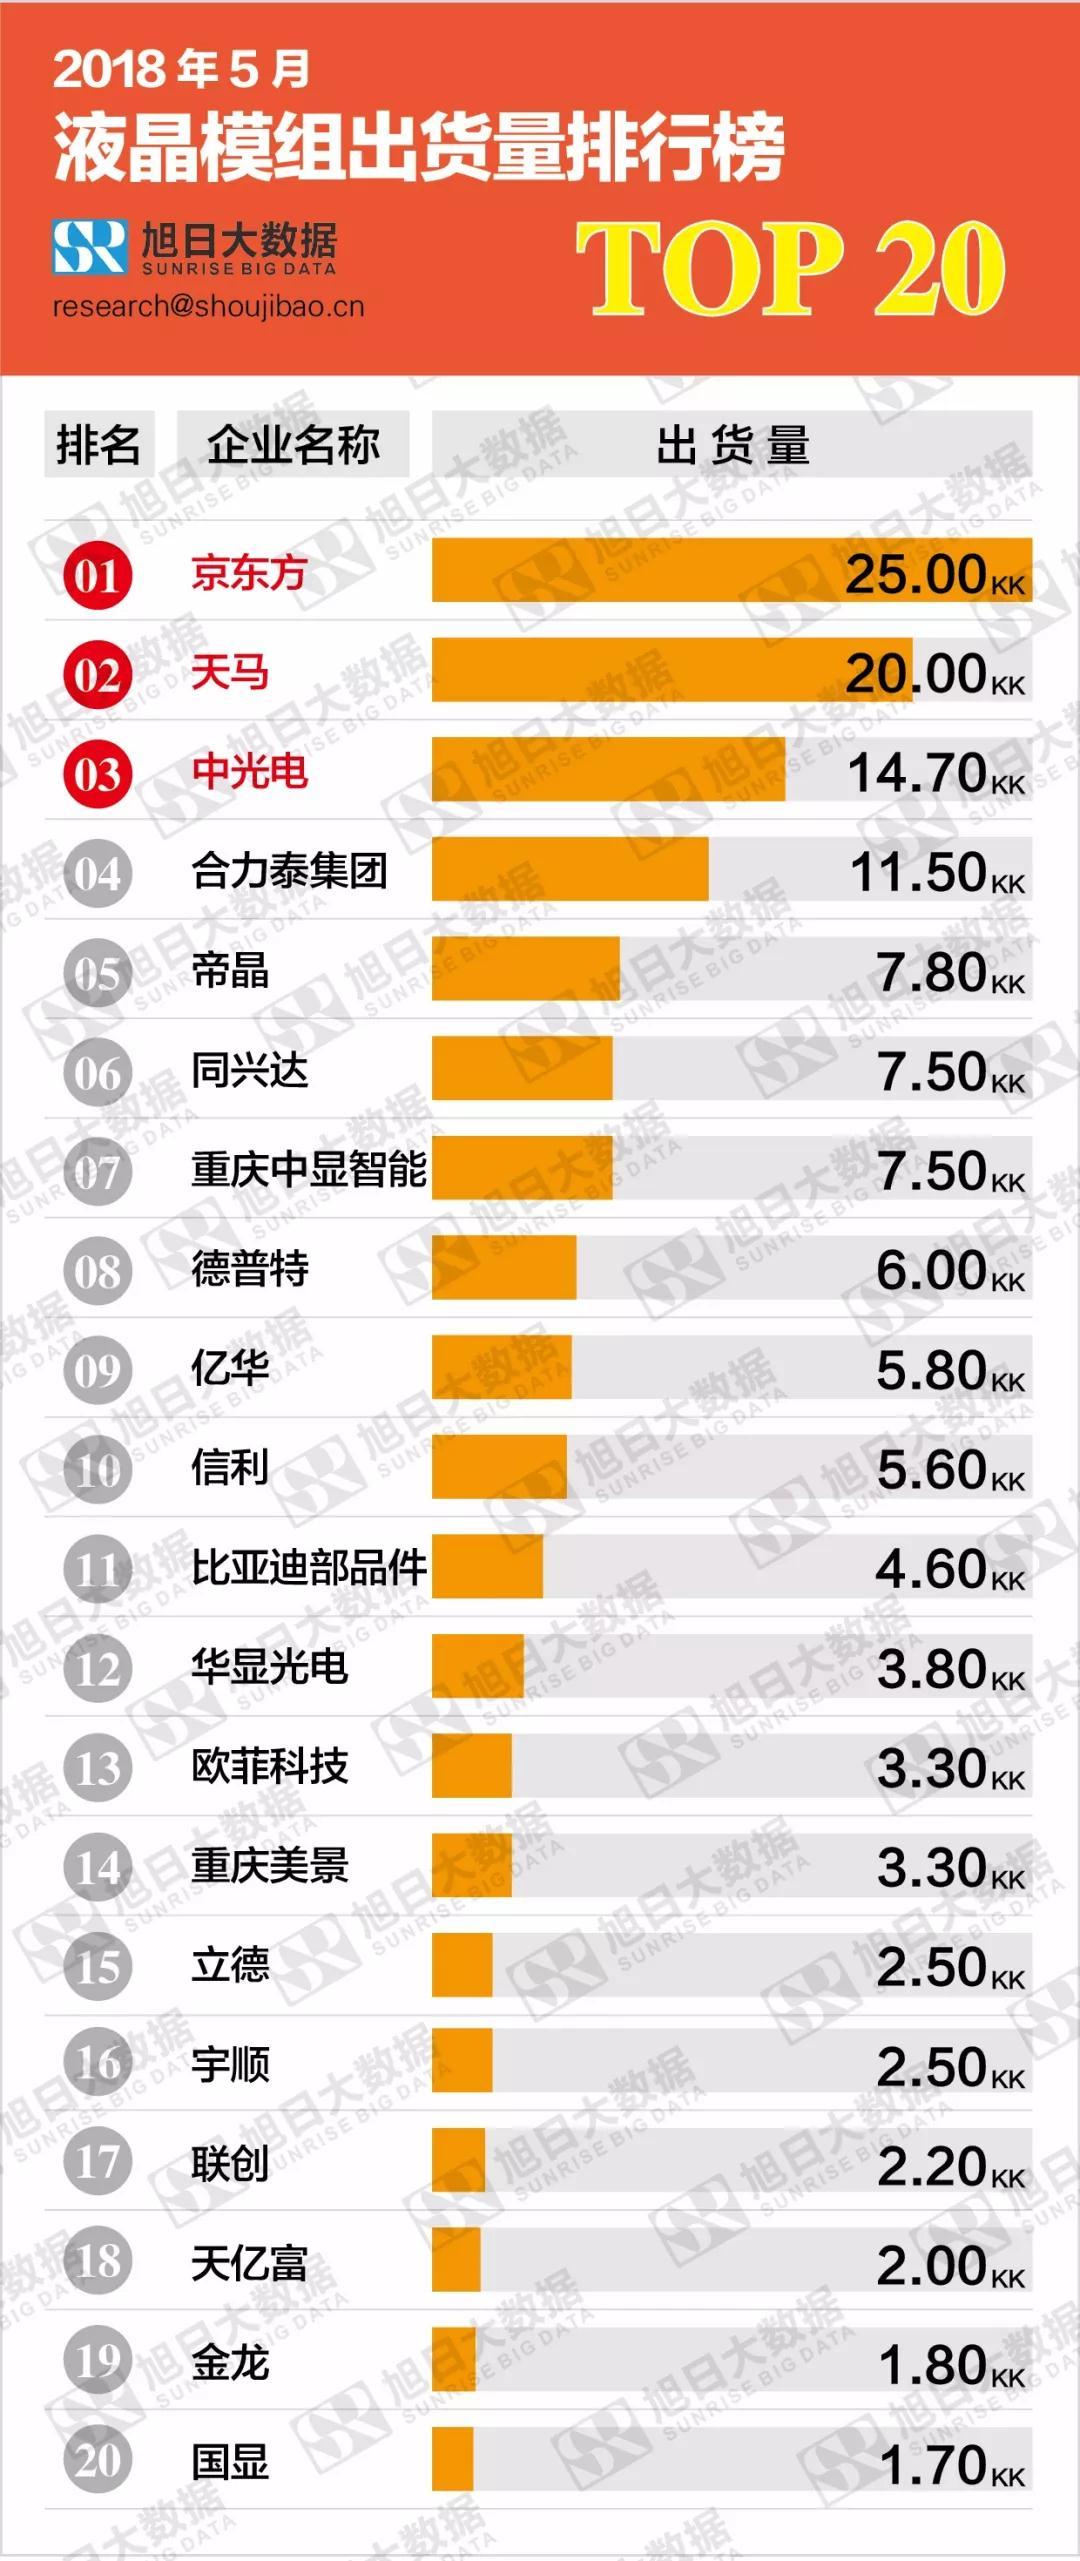 2018年5月液晶模组出货量排行榜:京东方占据首位